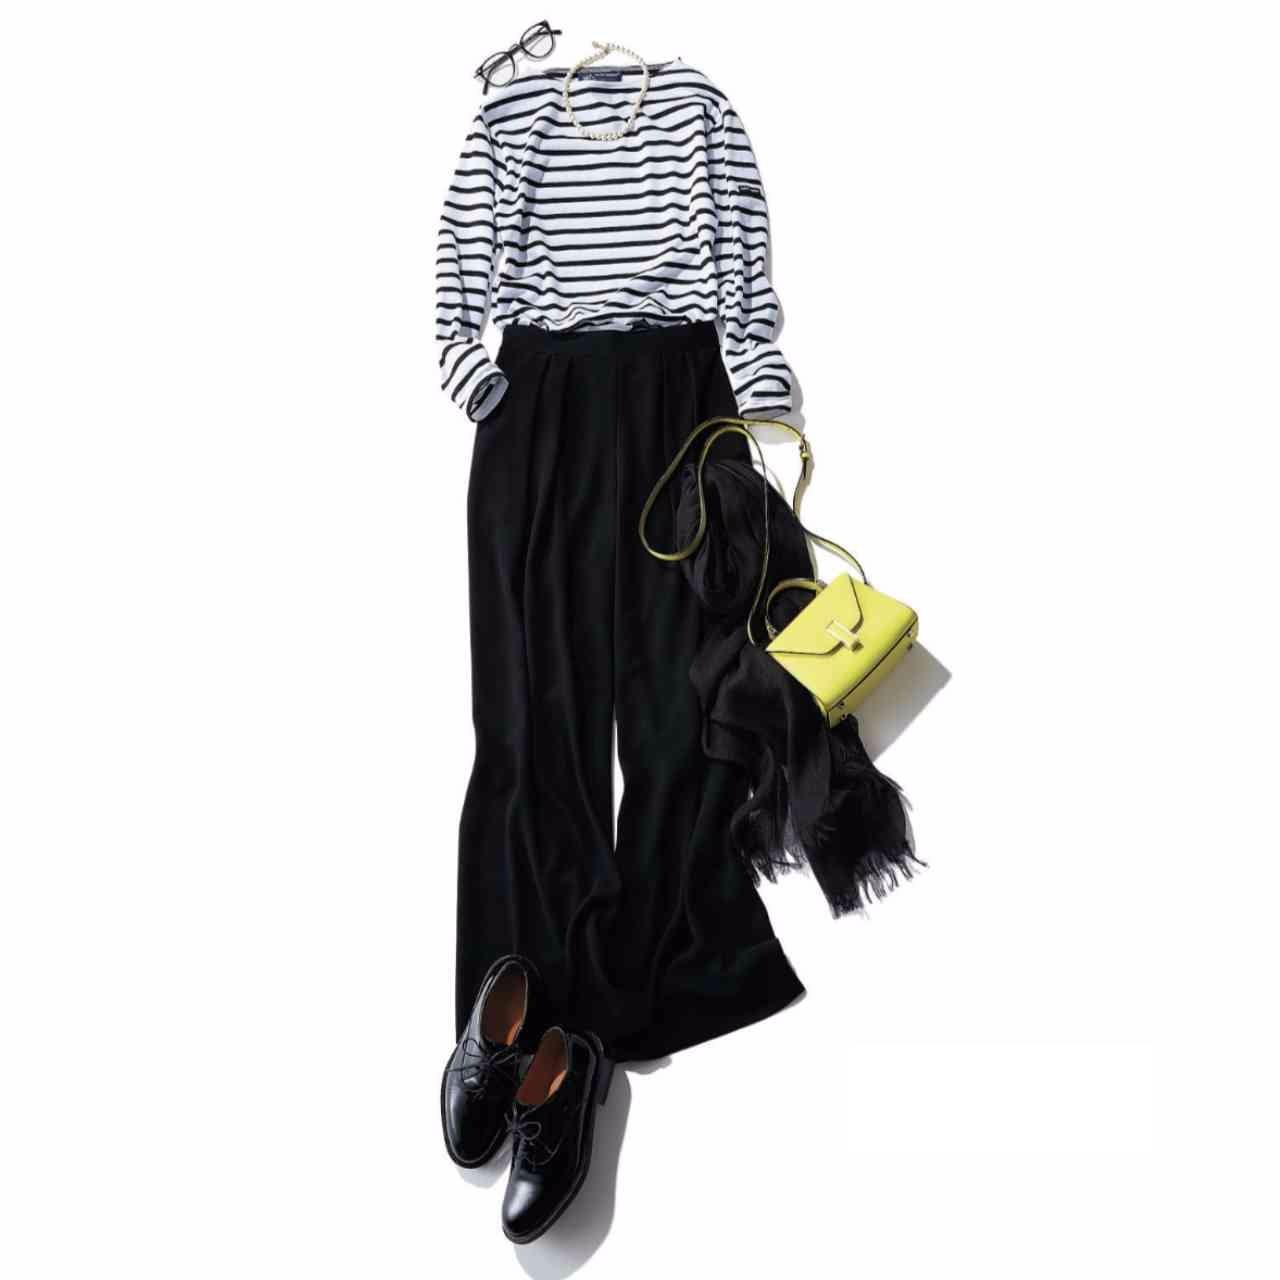 ボーダートップス×黒パンツのファッションコーデ